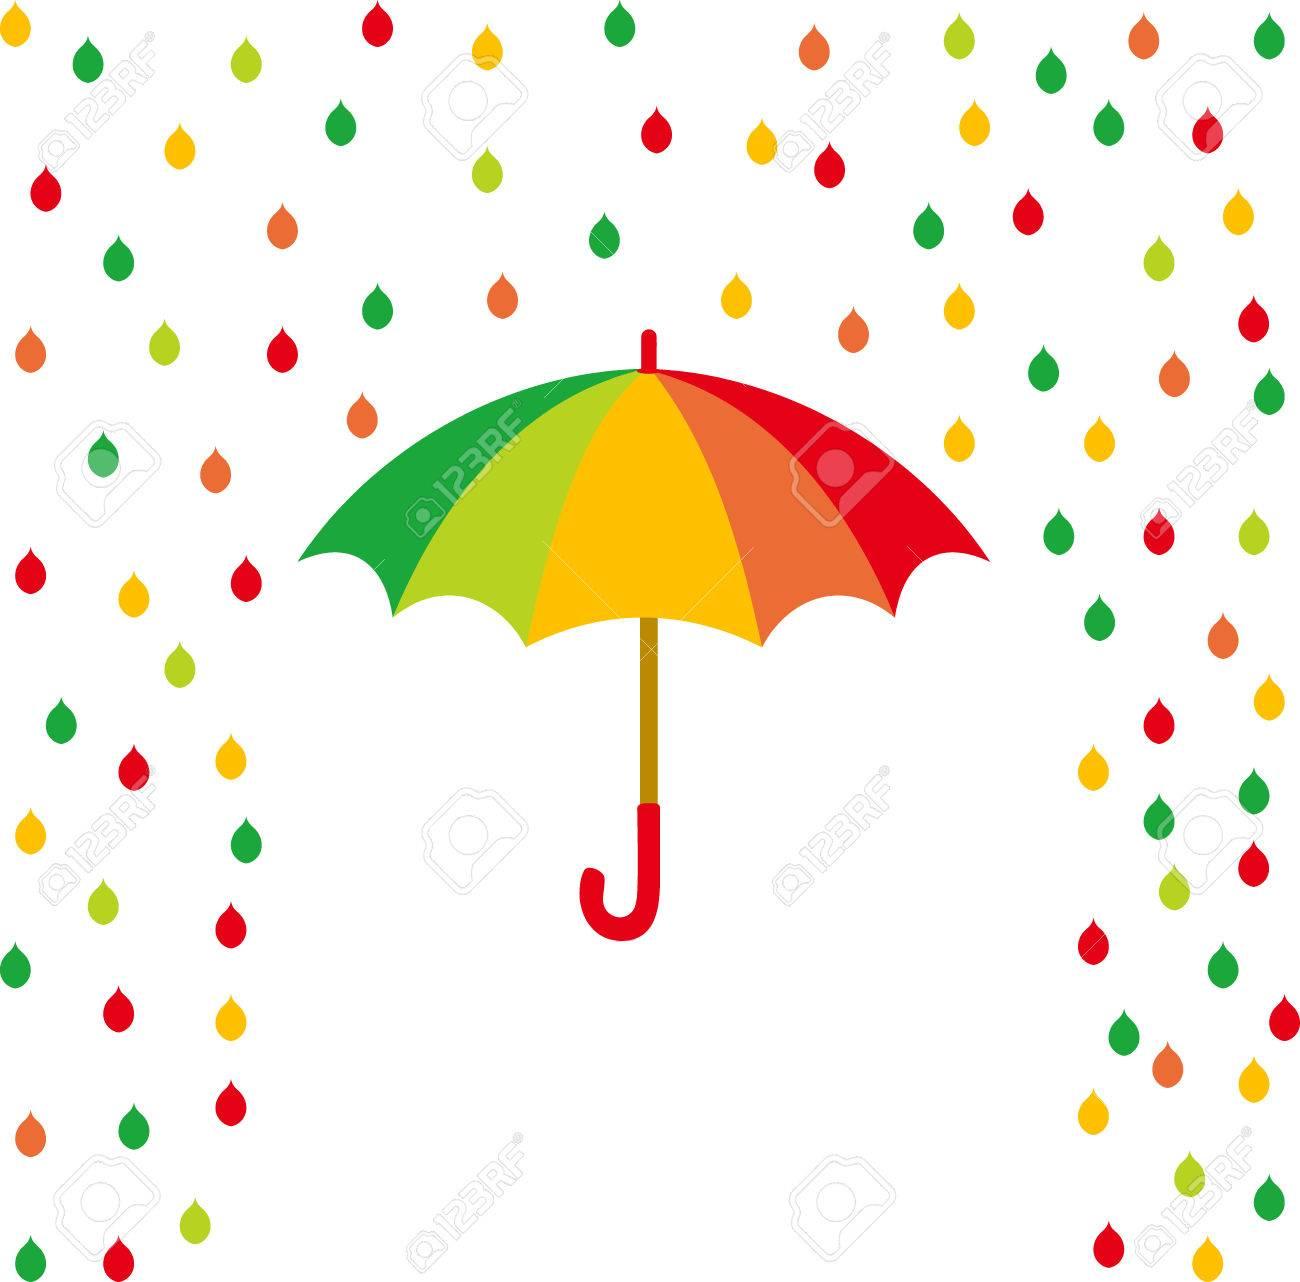 Paraguas Y Gotas De Lluvia De Color Ilustración Vectorial Ilustraciones Vectoriales Clip Art Vectorizado Libre De Derechos Image 58140113